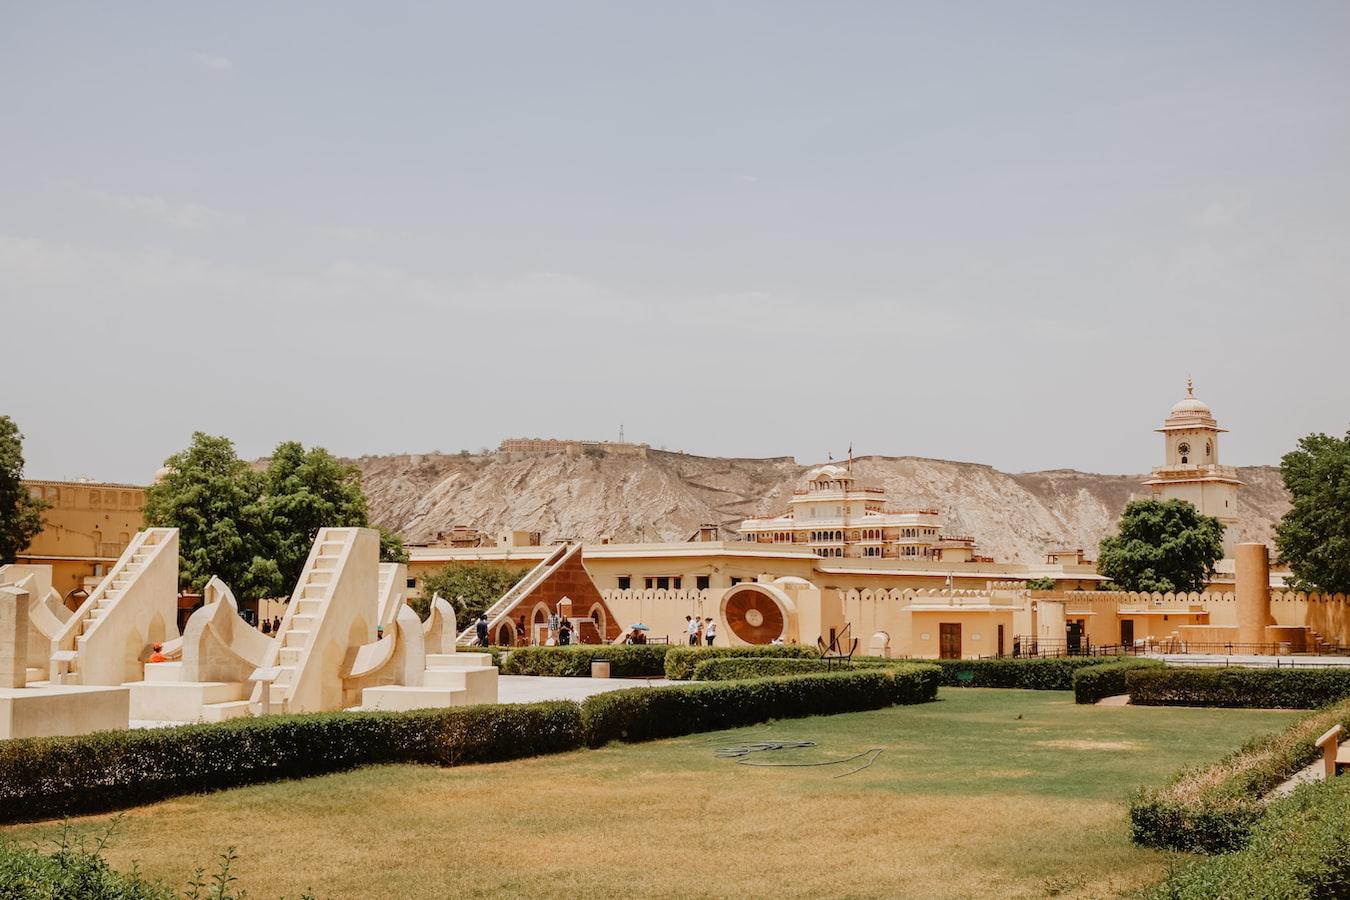 Jaipur Jantar Mantar instruments